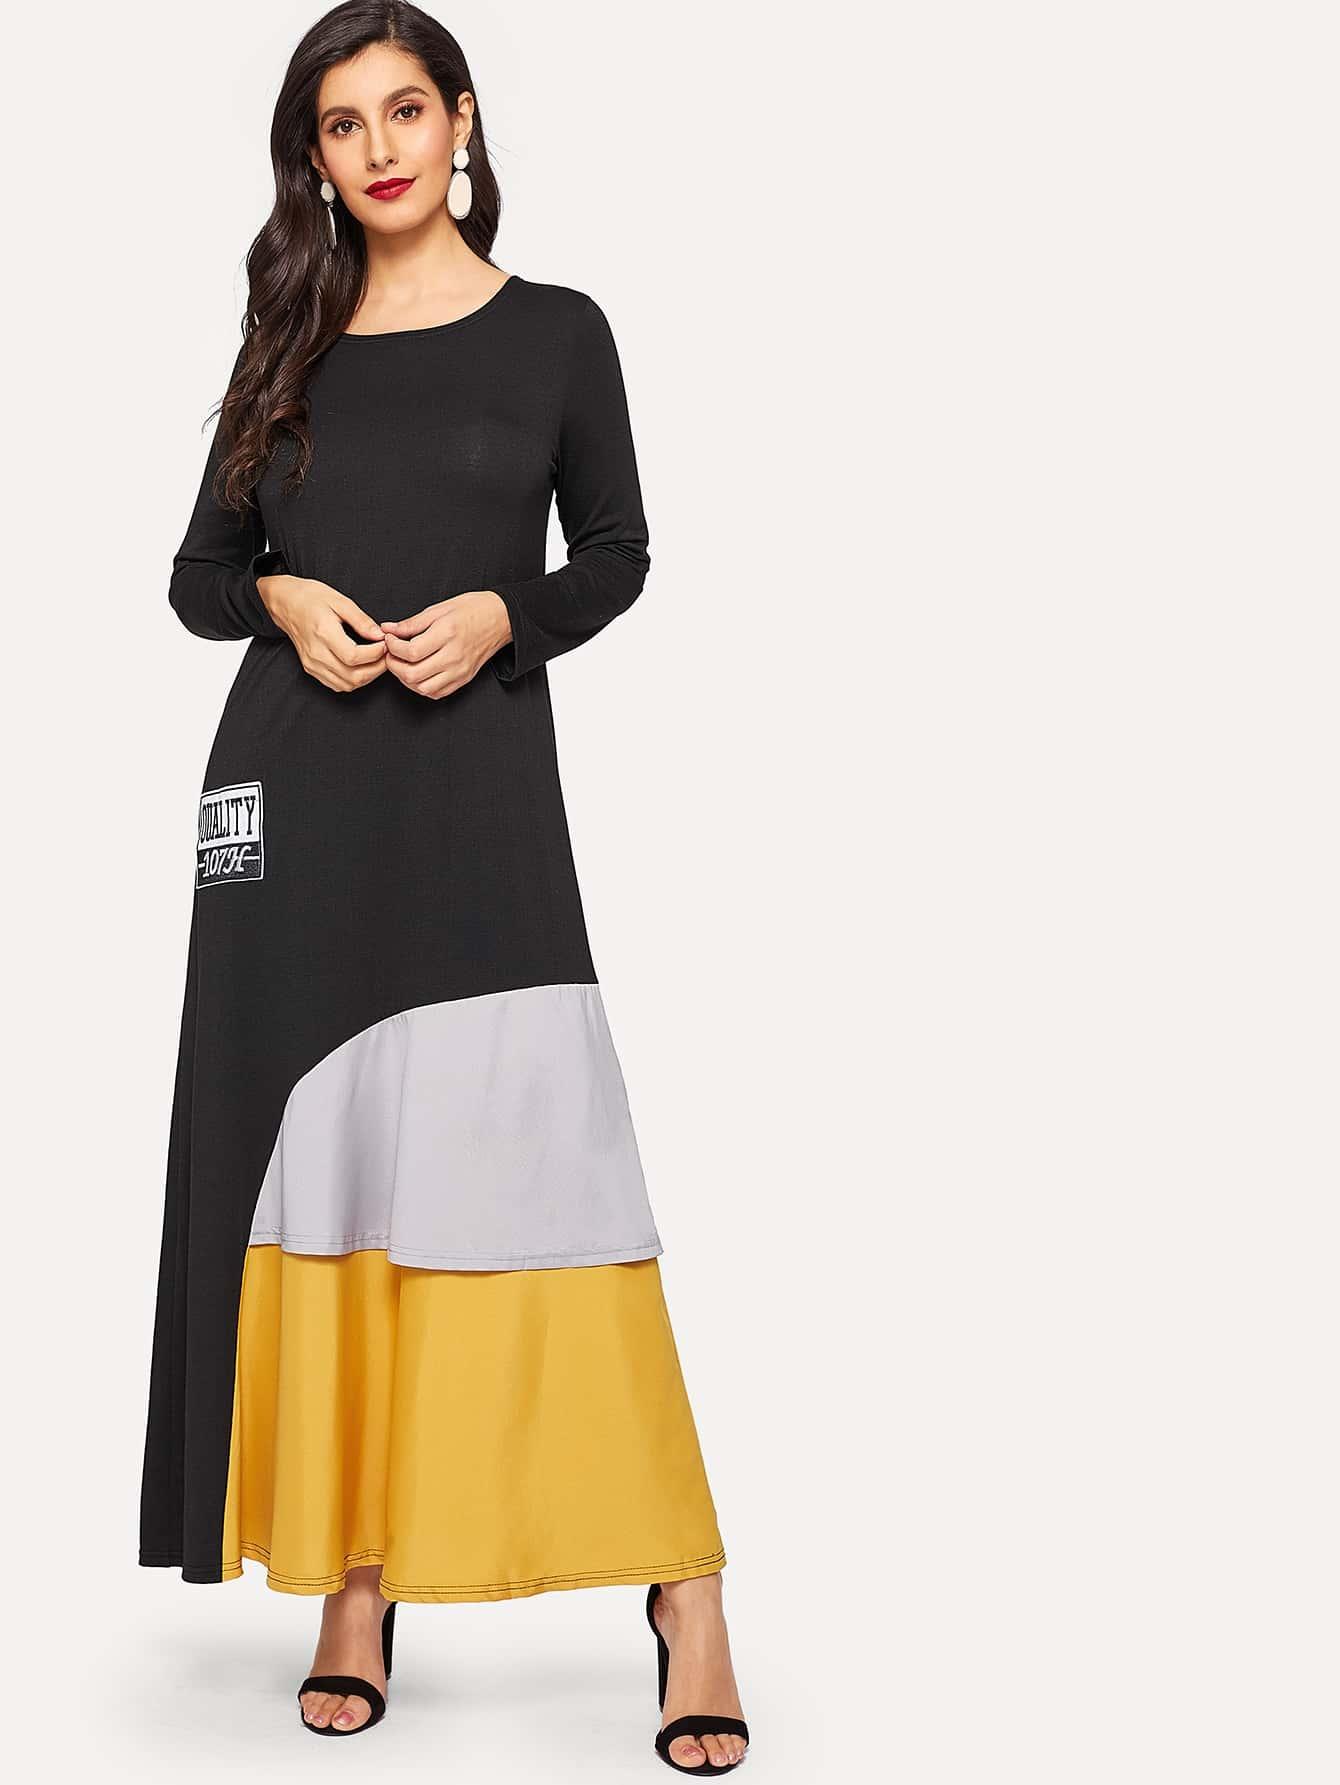 Купить Стильное длинное платье с вышитым текстовым принтом, Jeane, SheIn